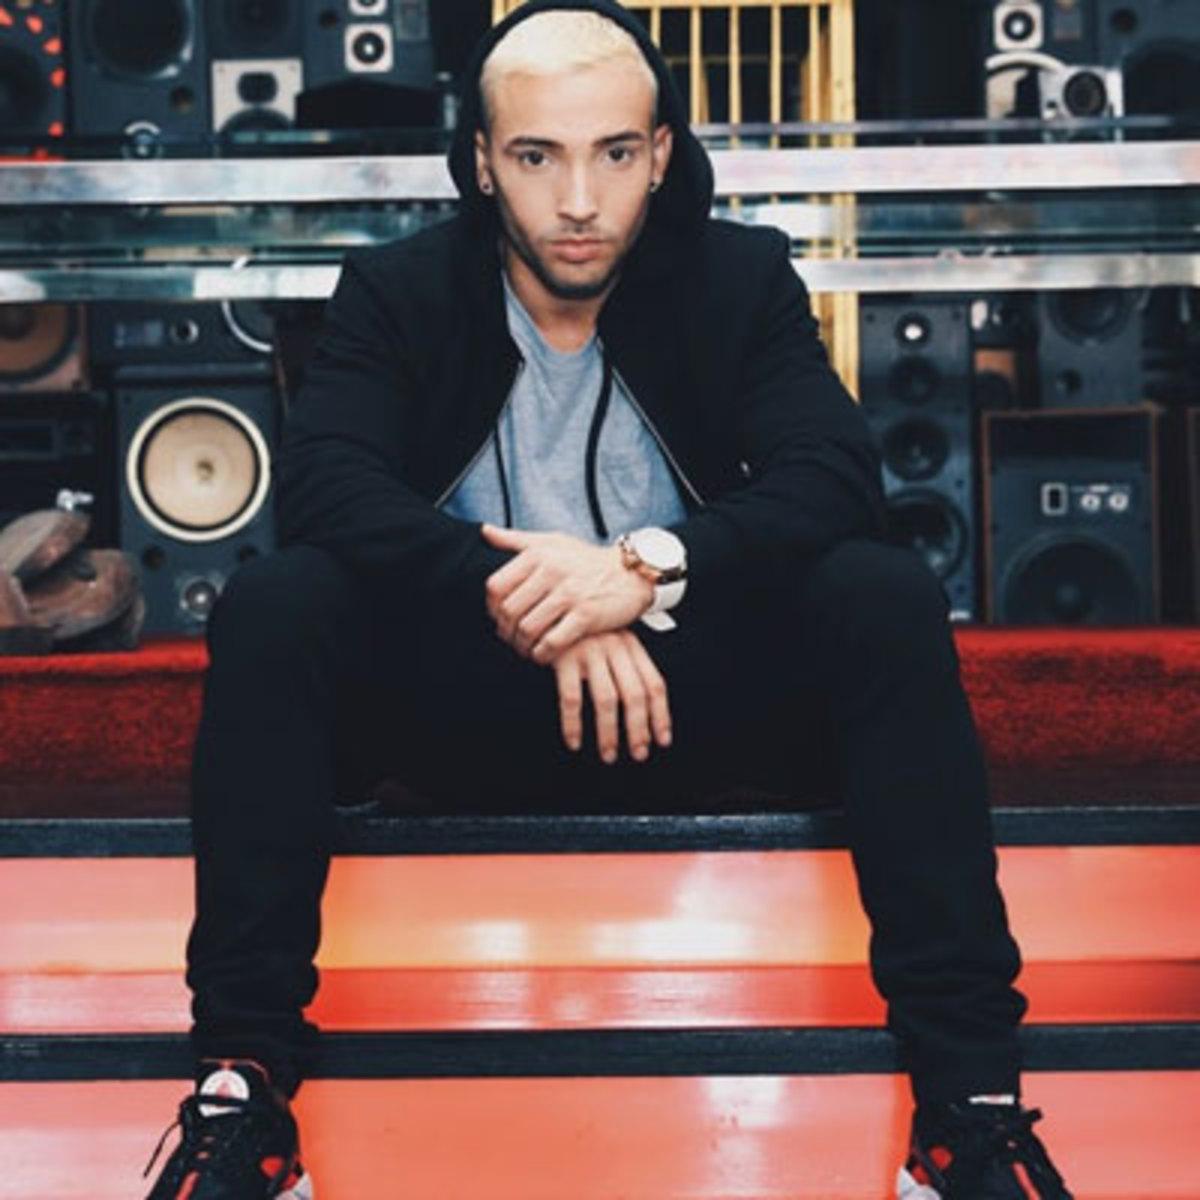 j-rand-hip-hop.jpg